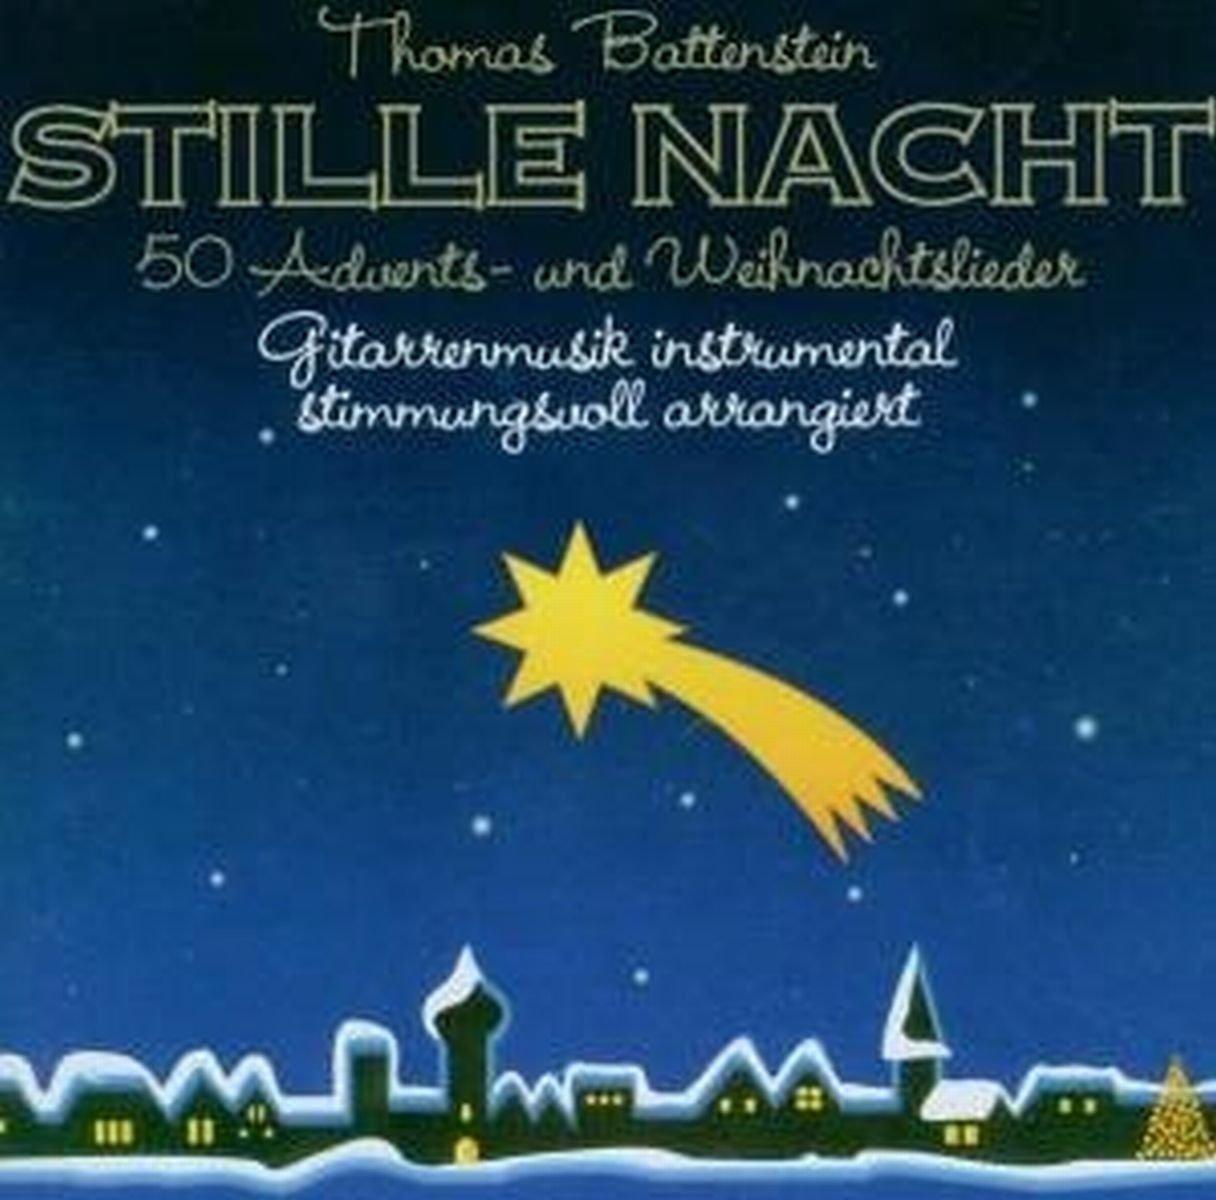 Stille Nacht - 50 Advents- und Weihnachtslieder Gitarren-Musik ...